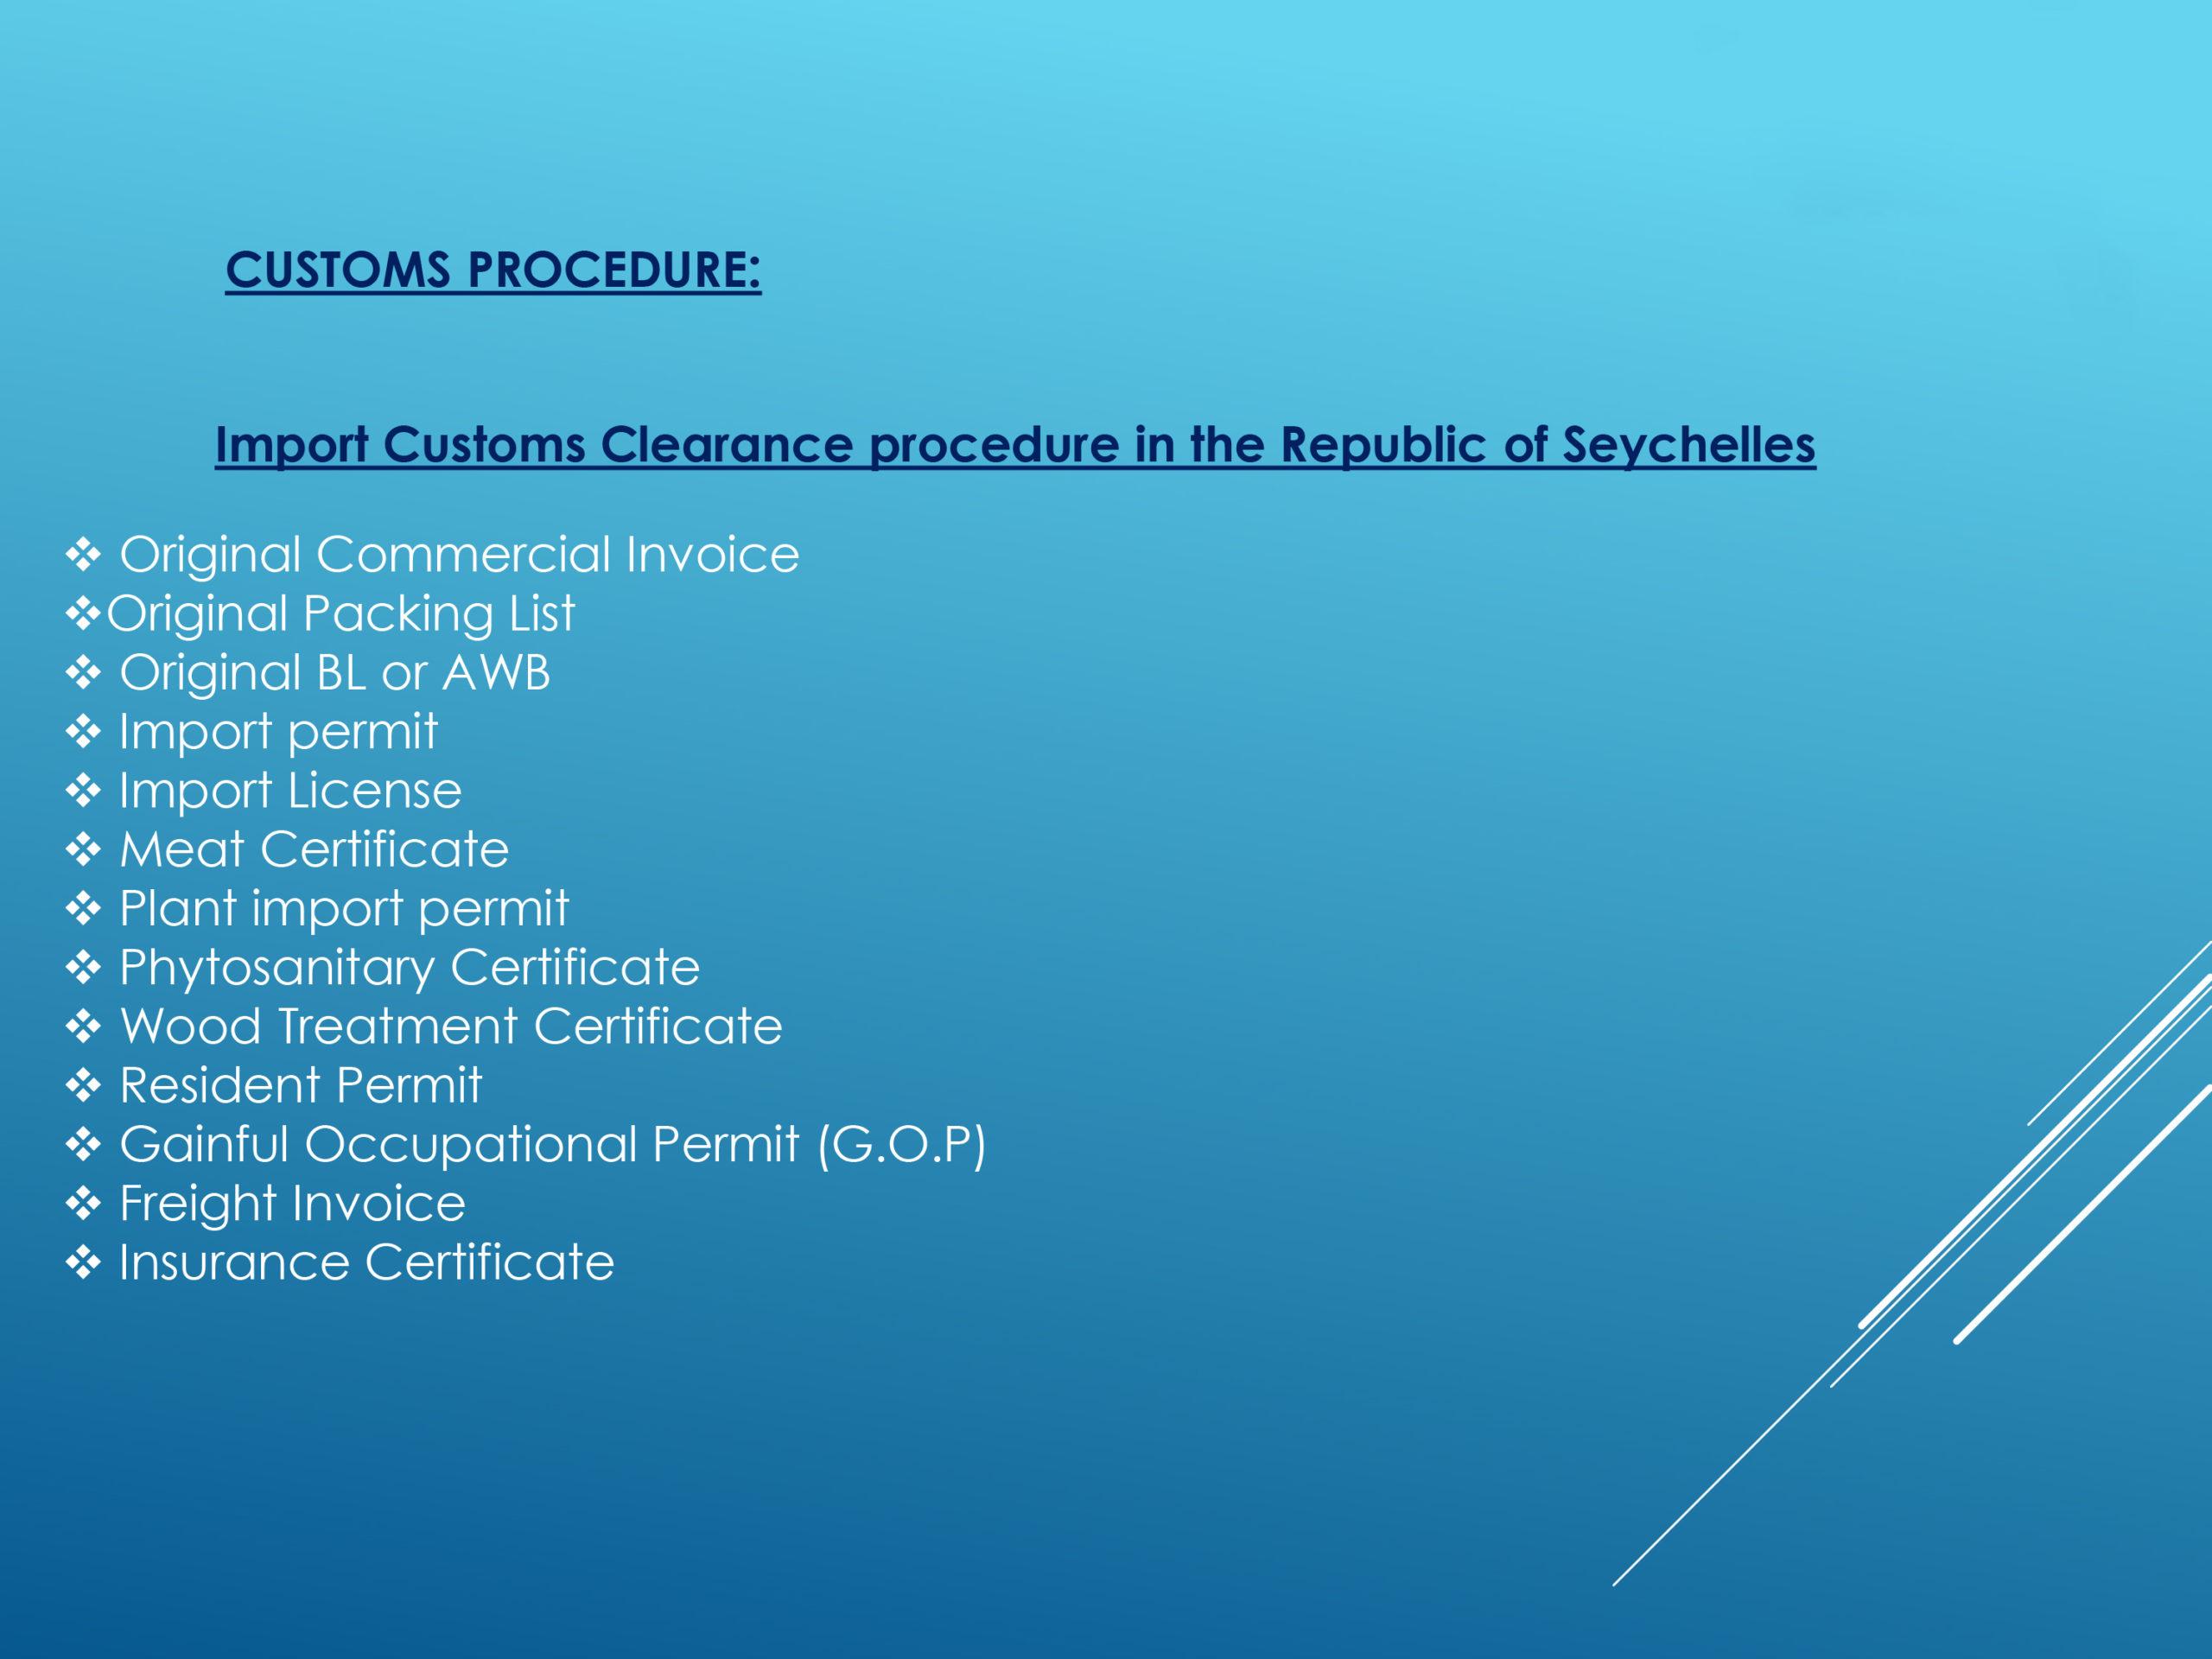 Express_Logistics_Customs_procedures_Seychelles_p2